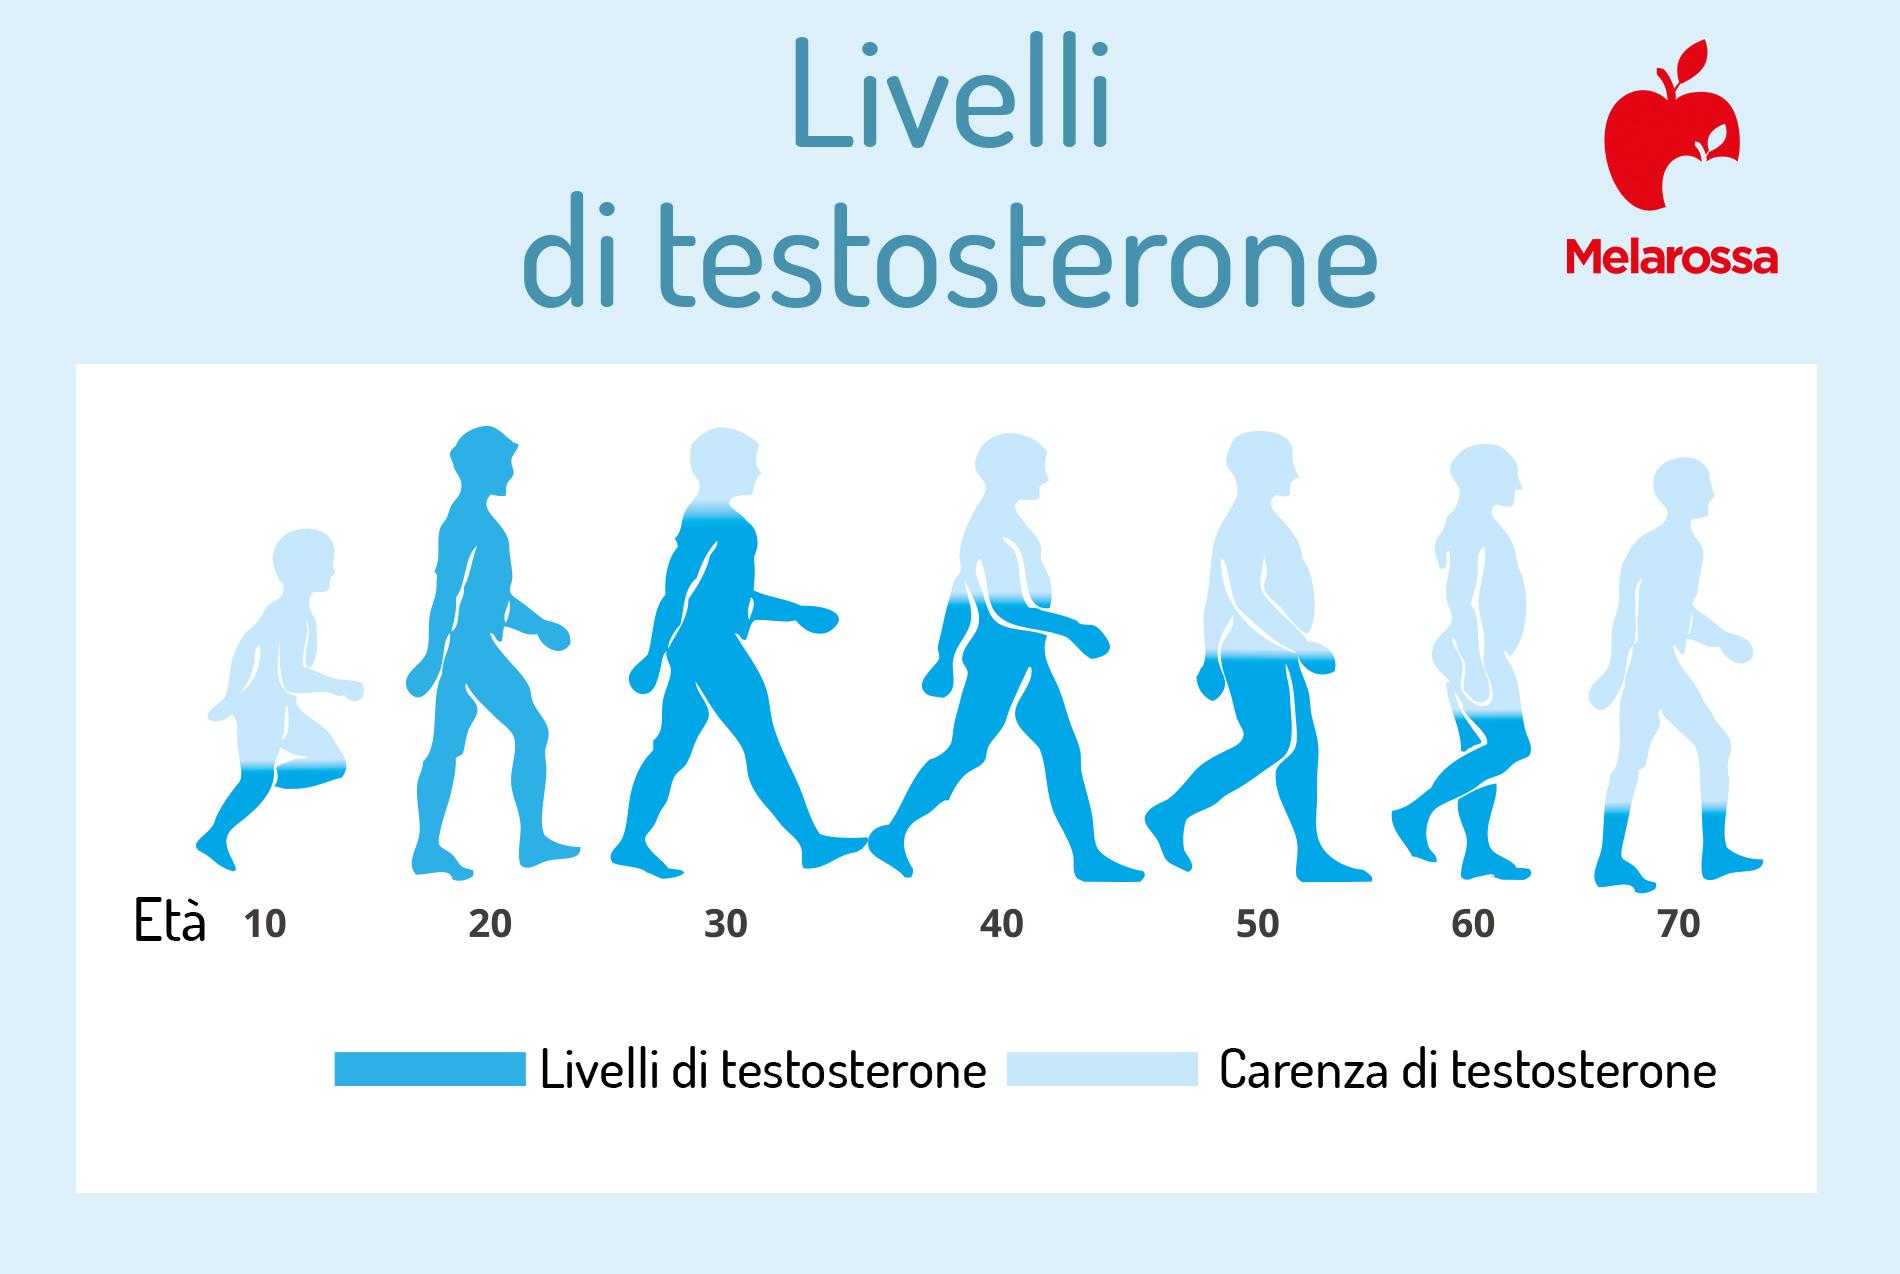 livelli di testosterone nella vita